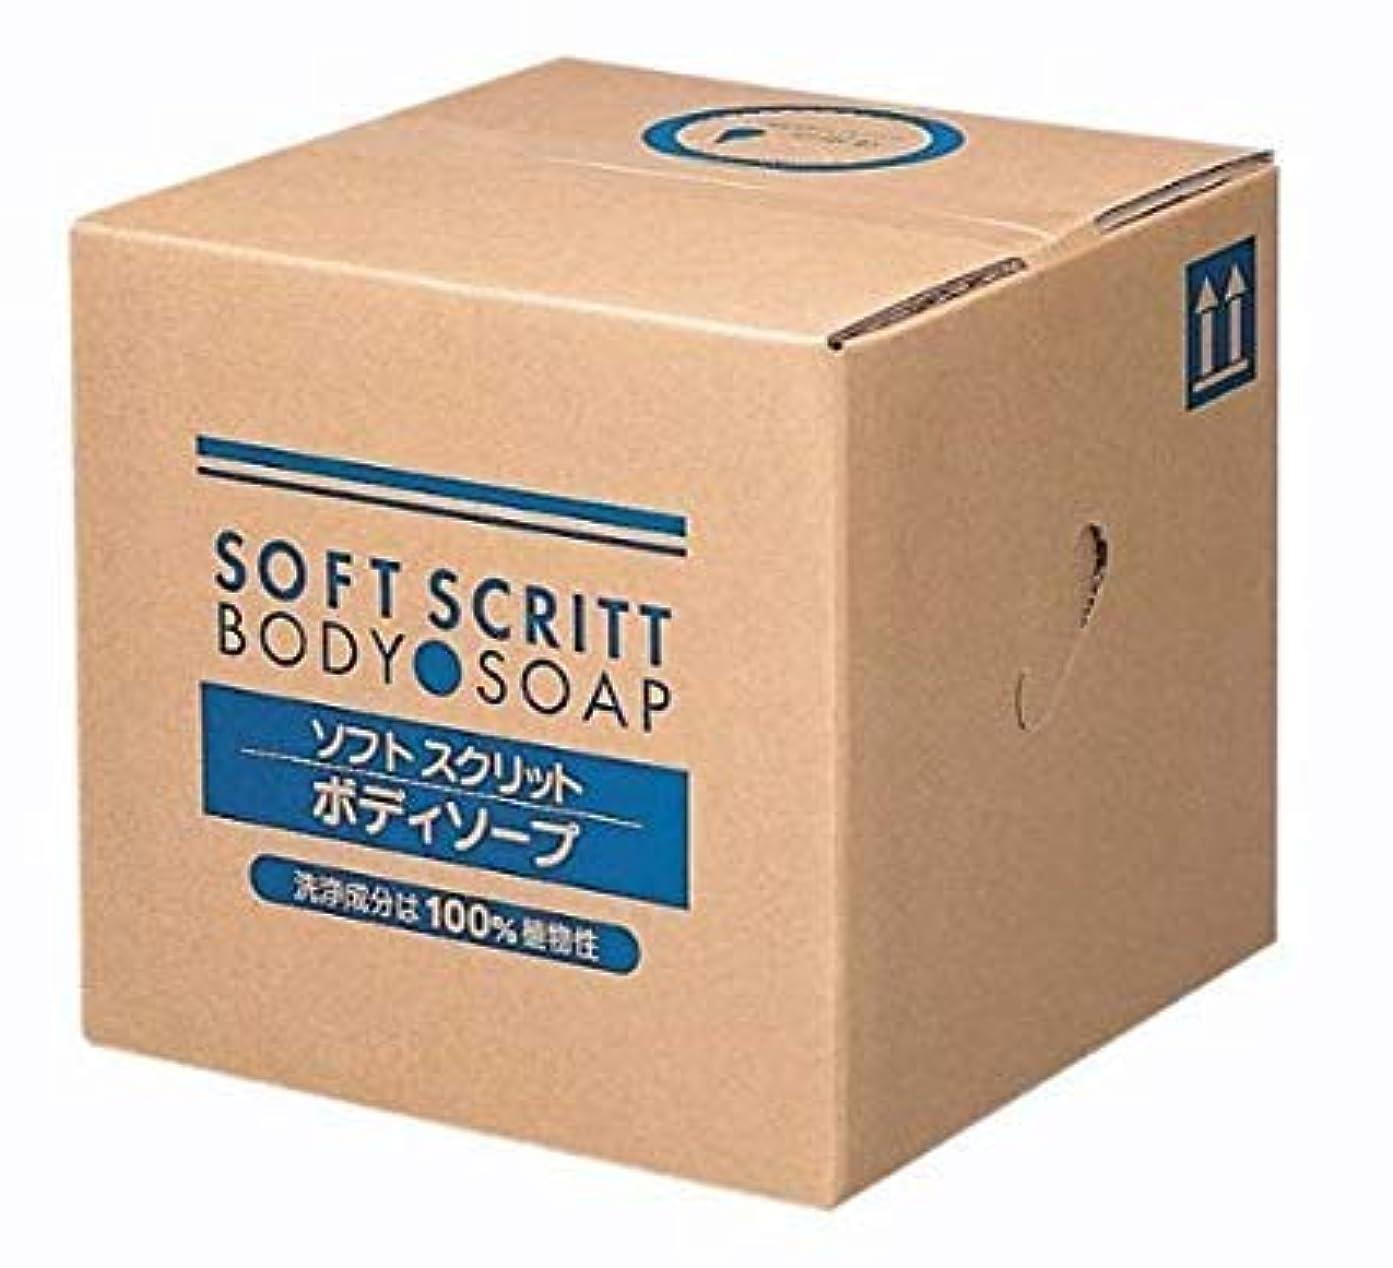 抜け目がない付き添い人サバント業務用 SOFT SCRITT(ソフト スクリット) ボディソープ 18L 熊野油脂 コック無し